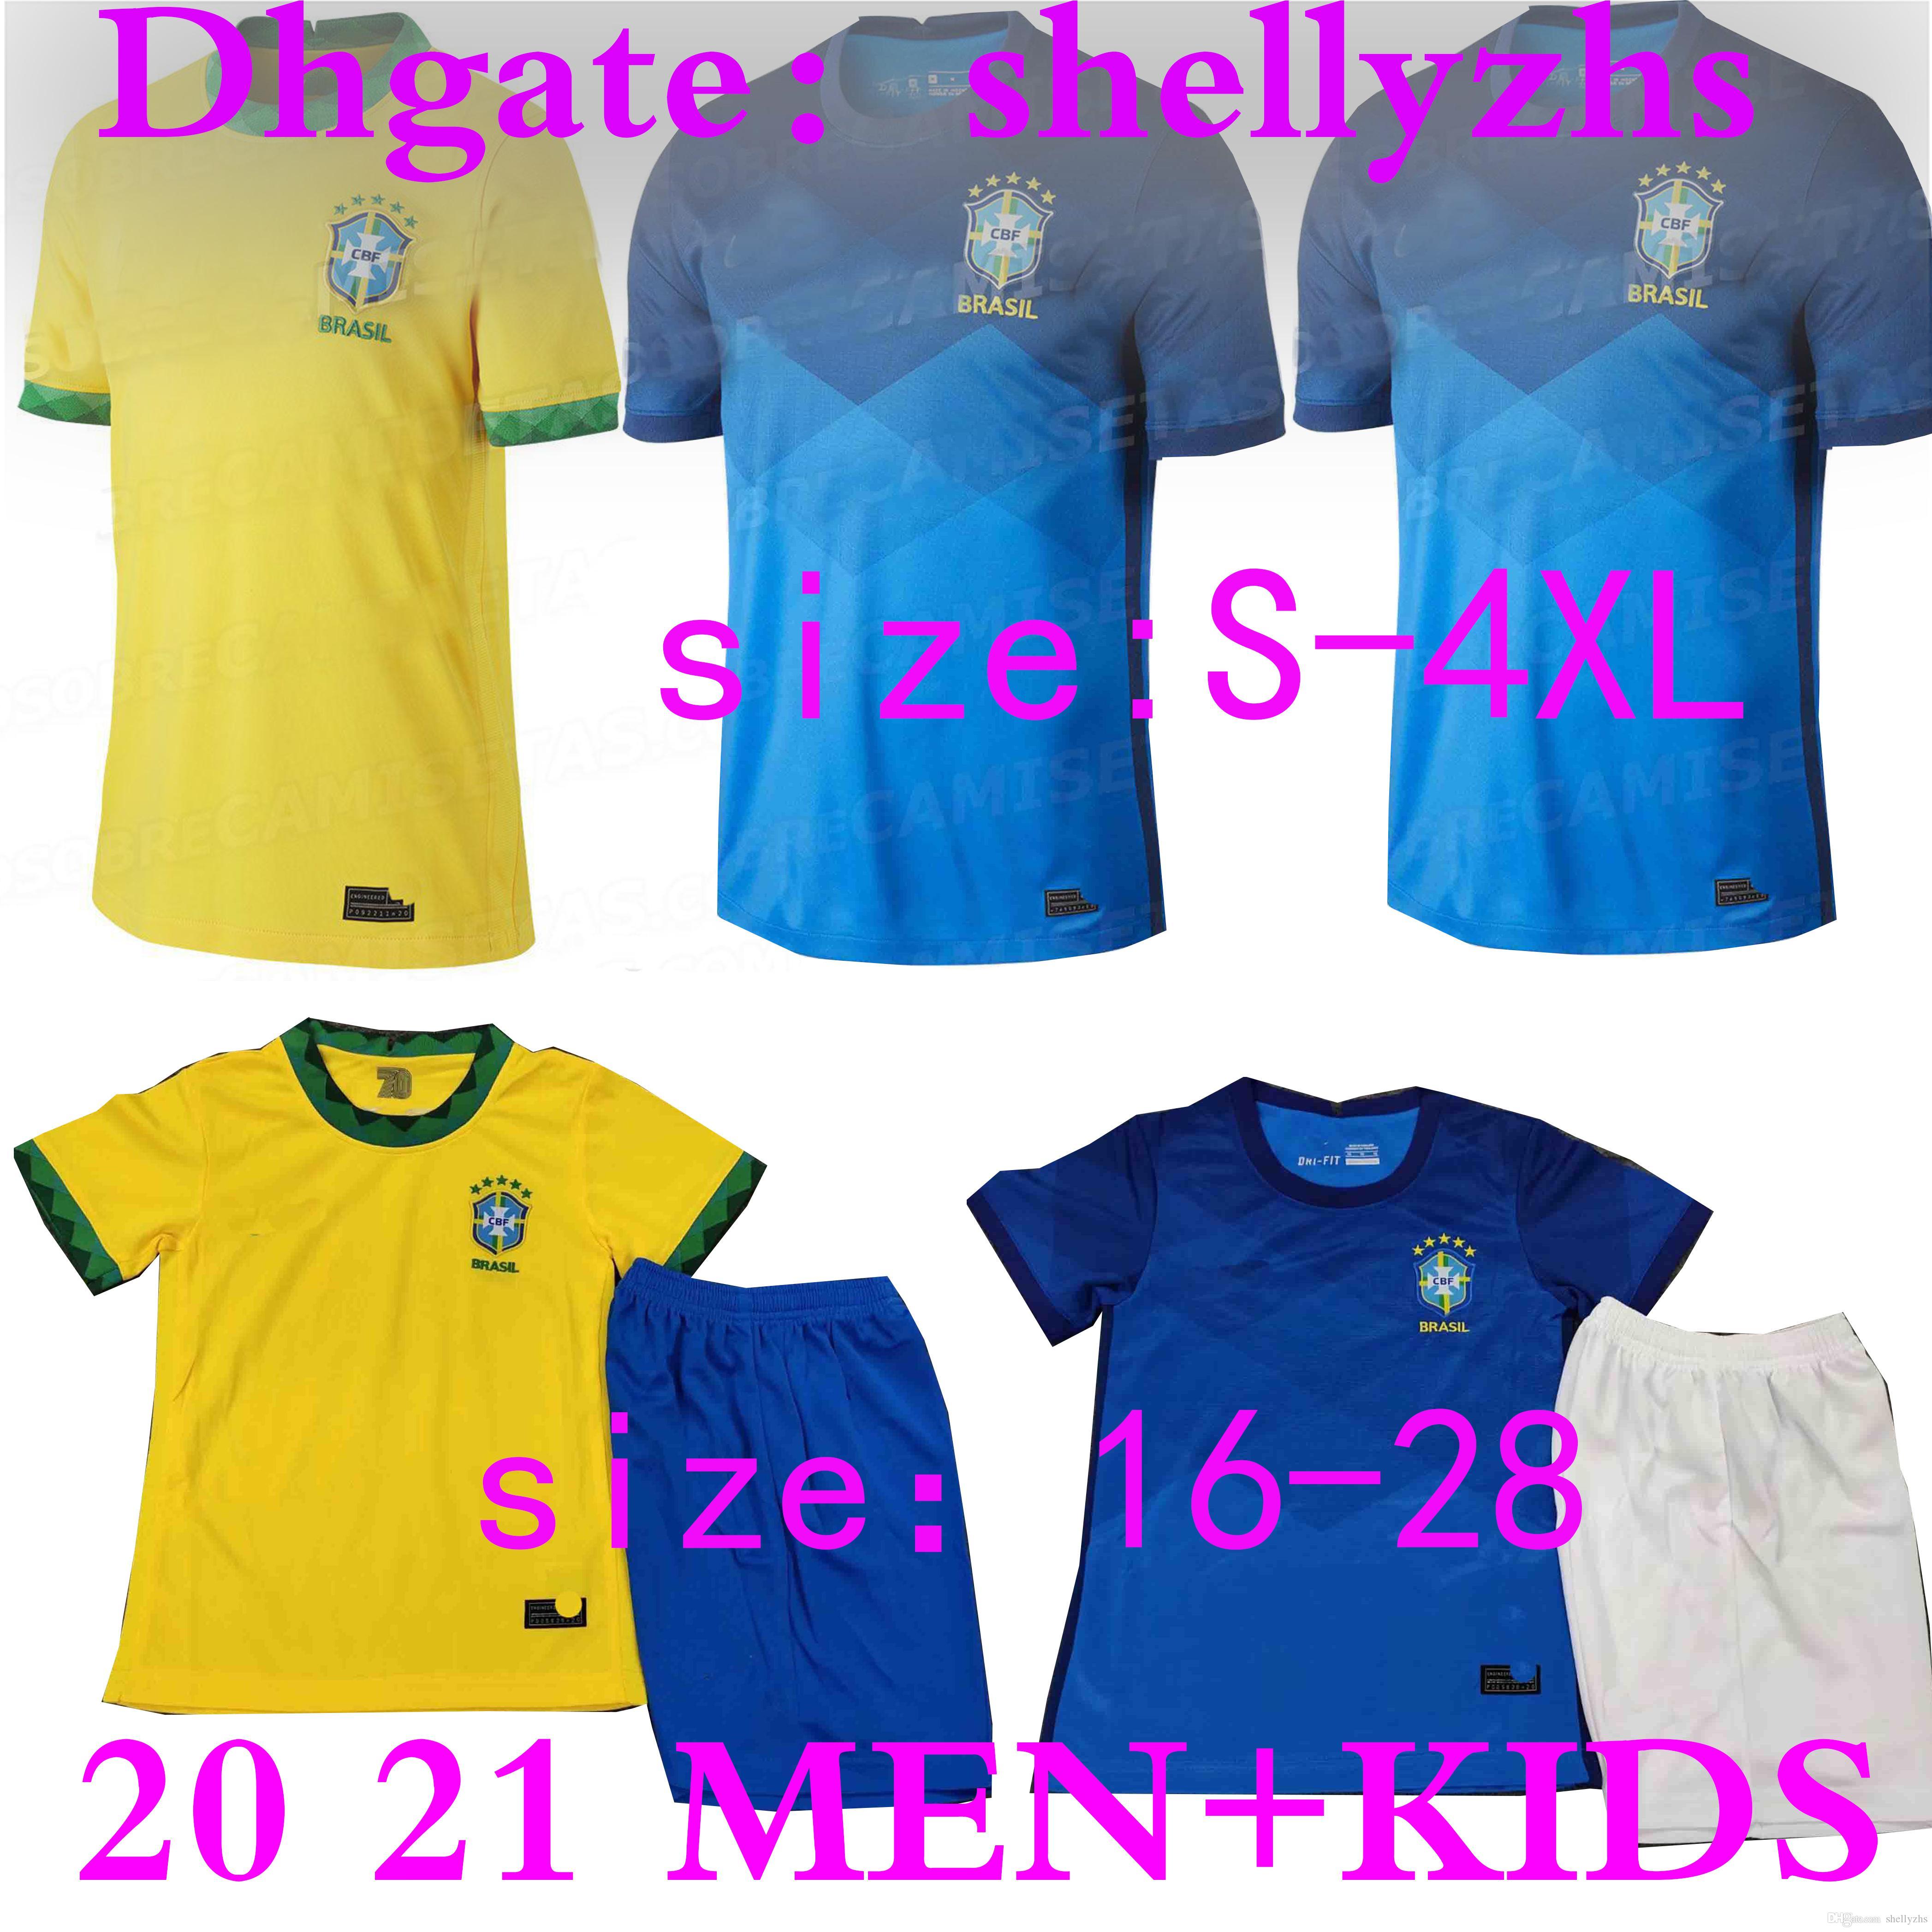 MEN + KIDS 2020 Brasil American Cup di calcio maglie Brasile giovinezza 20 21 JESUS COUTINHO MARCELO kit maglia dei ragazzi di calcio camisa Football Shirt